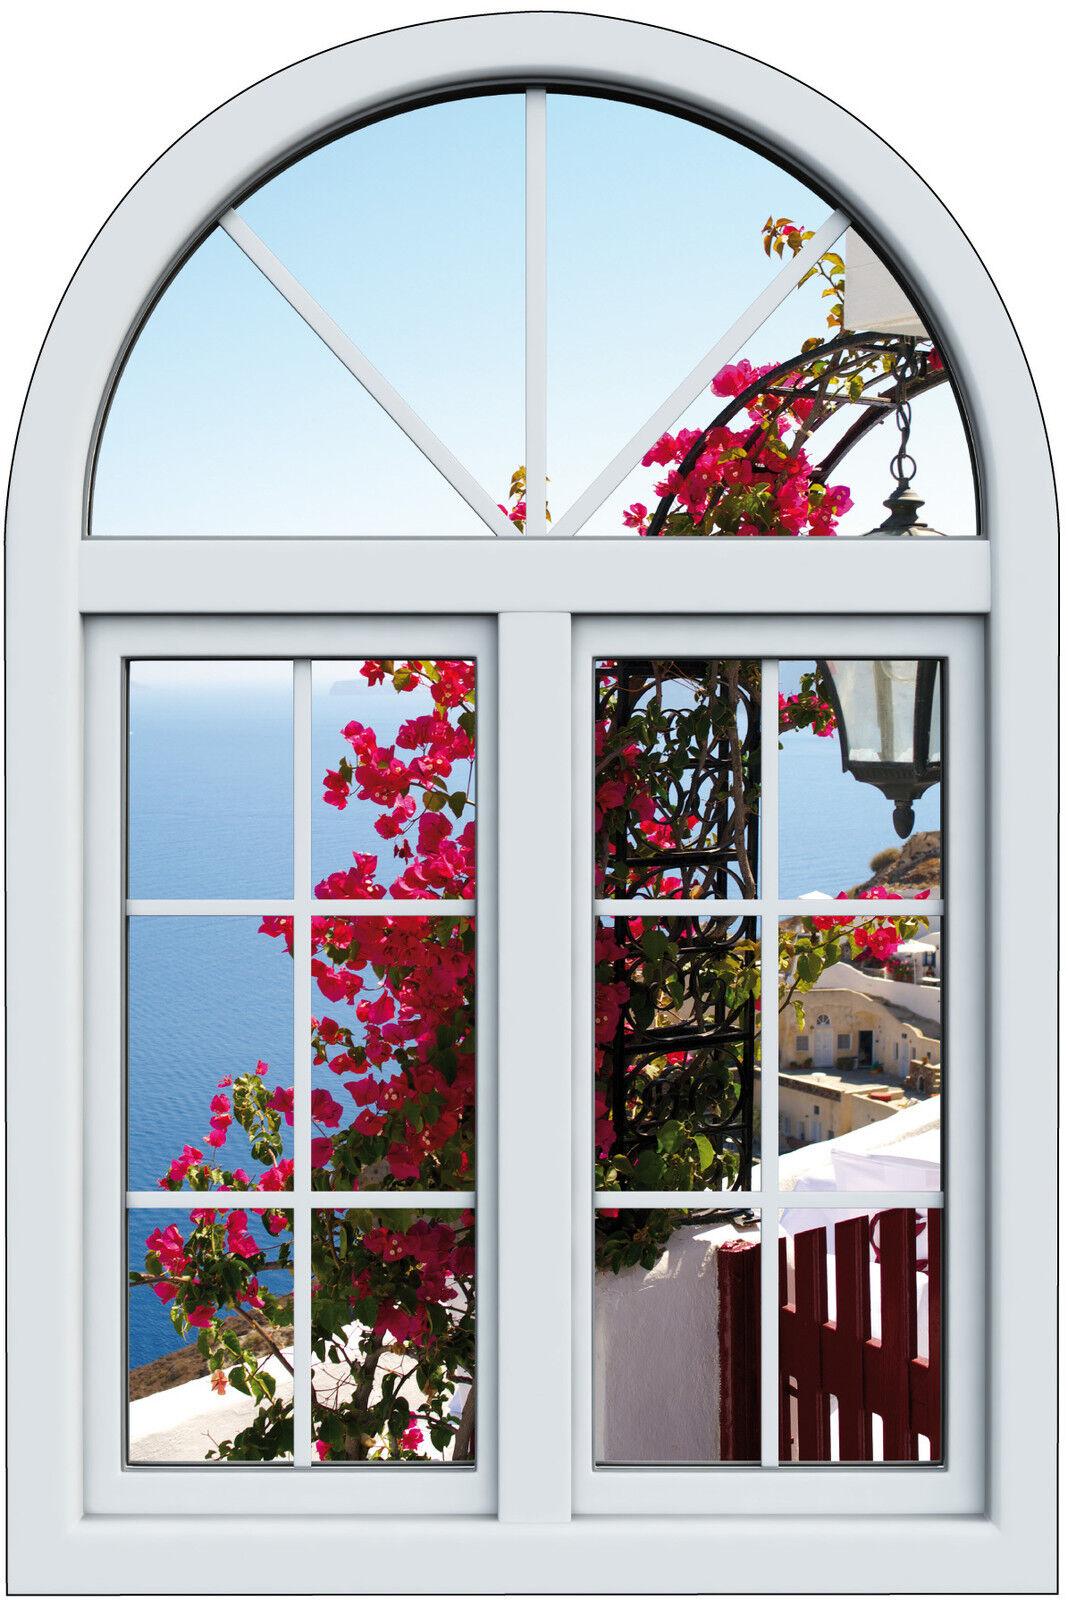 Aufkleber Fenster Schein Auge Blaumen Schön Ansicht Ref 1014